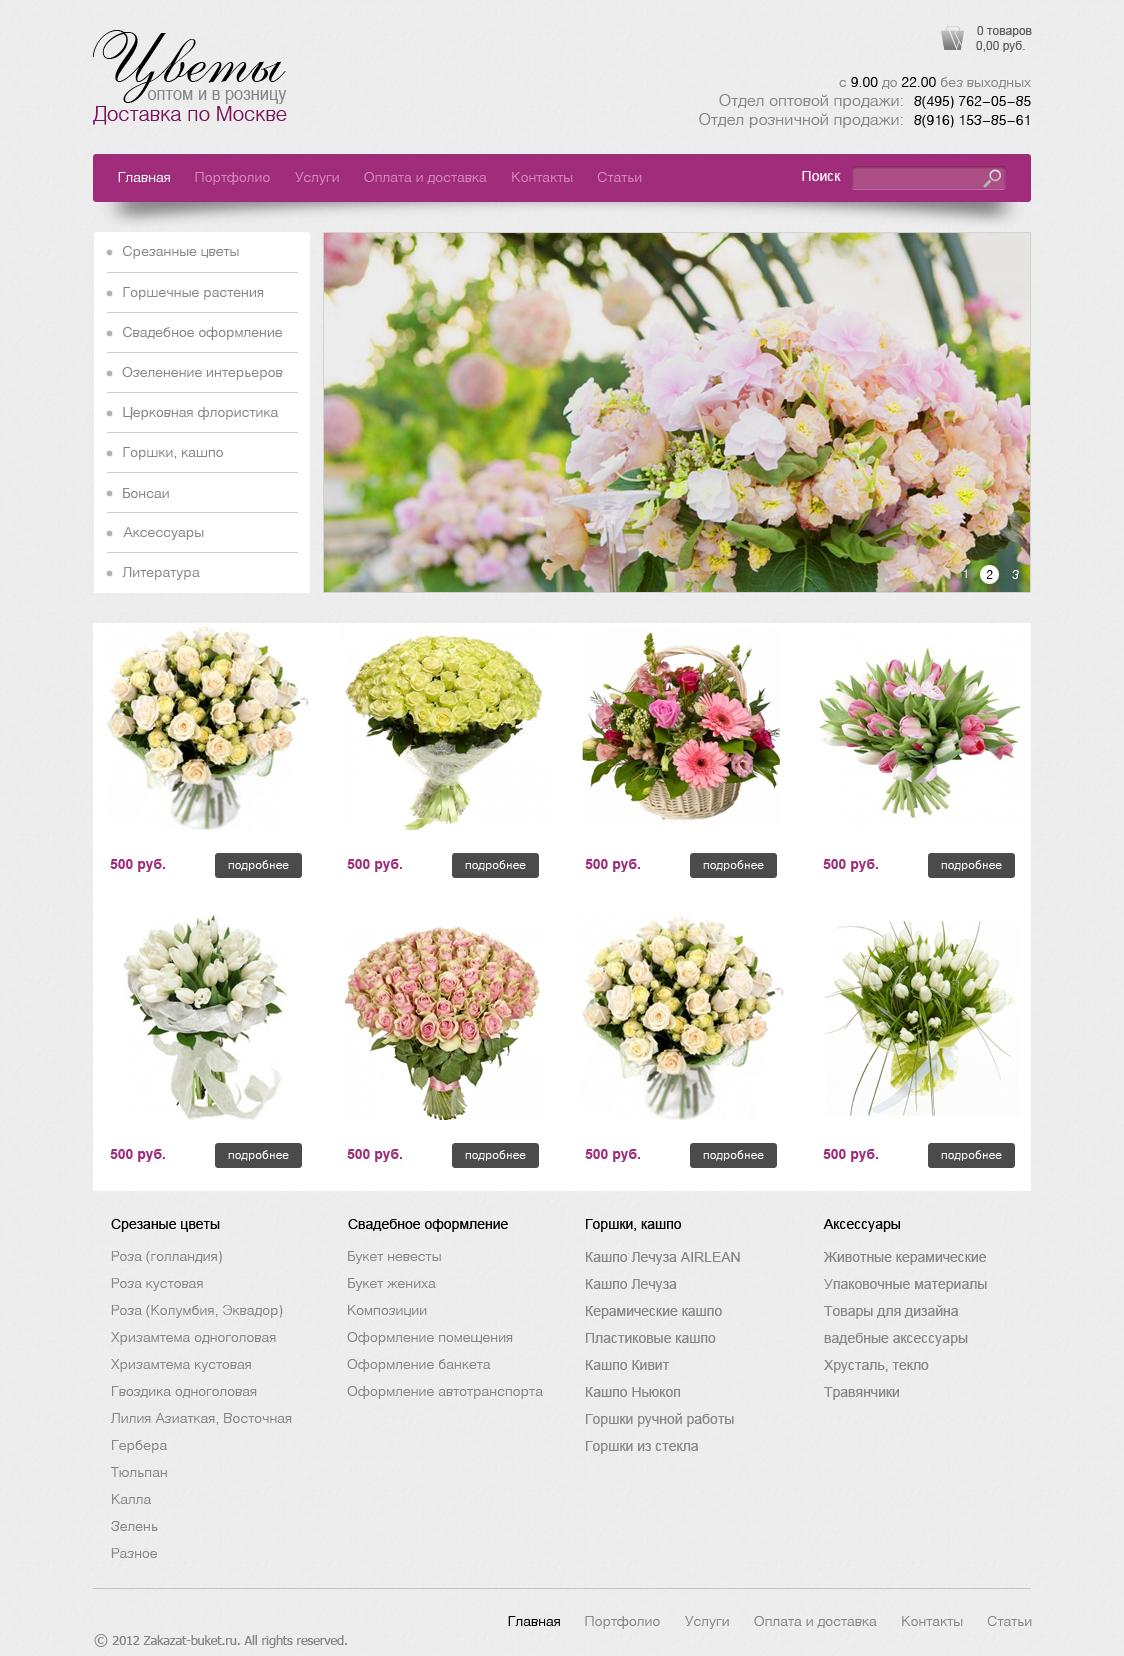 Редизайн сайта  фото f_06550f86726ac08f.jpg